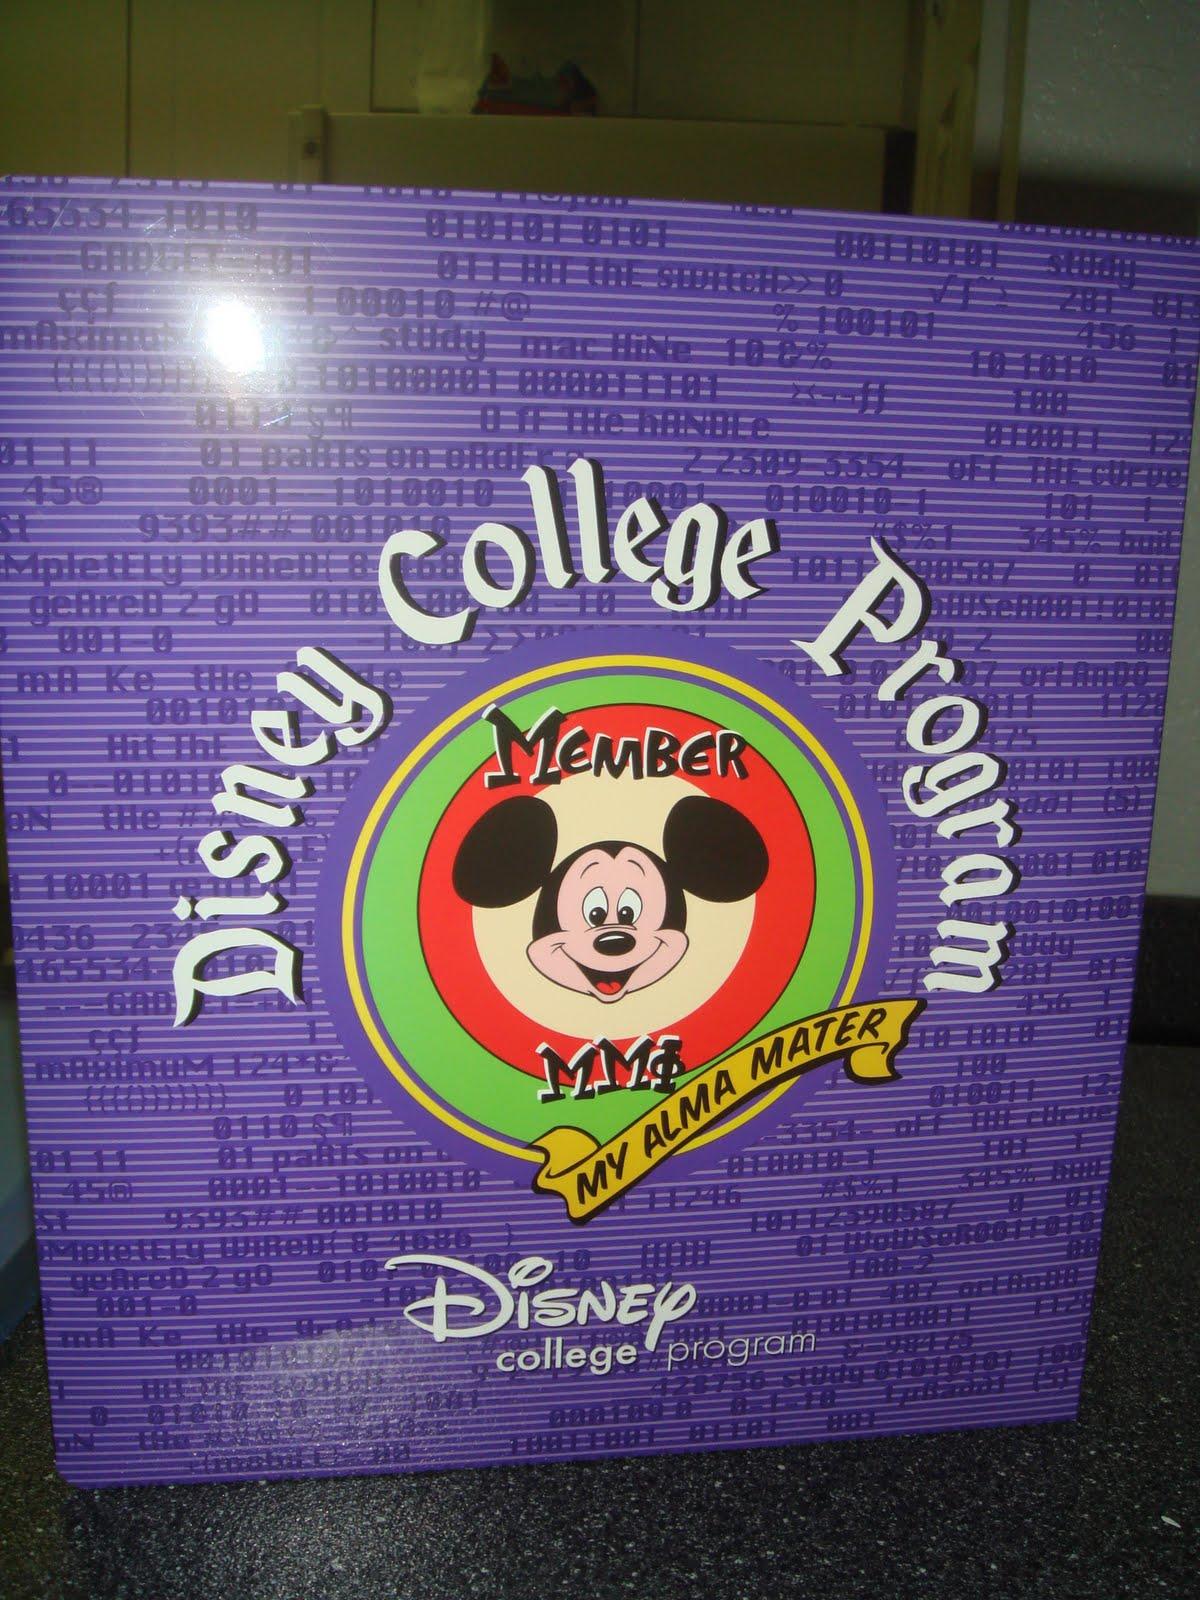 Dreaming Disney College Program Collegiate Courses